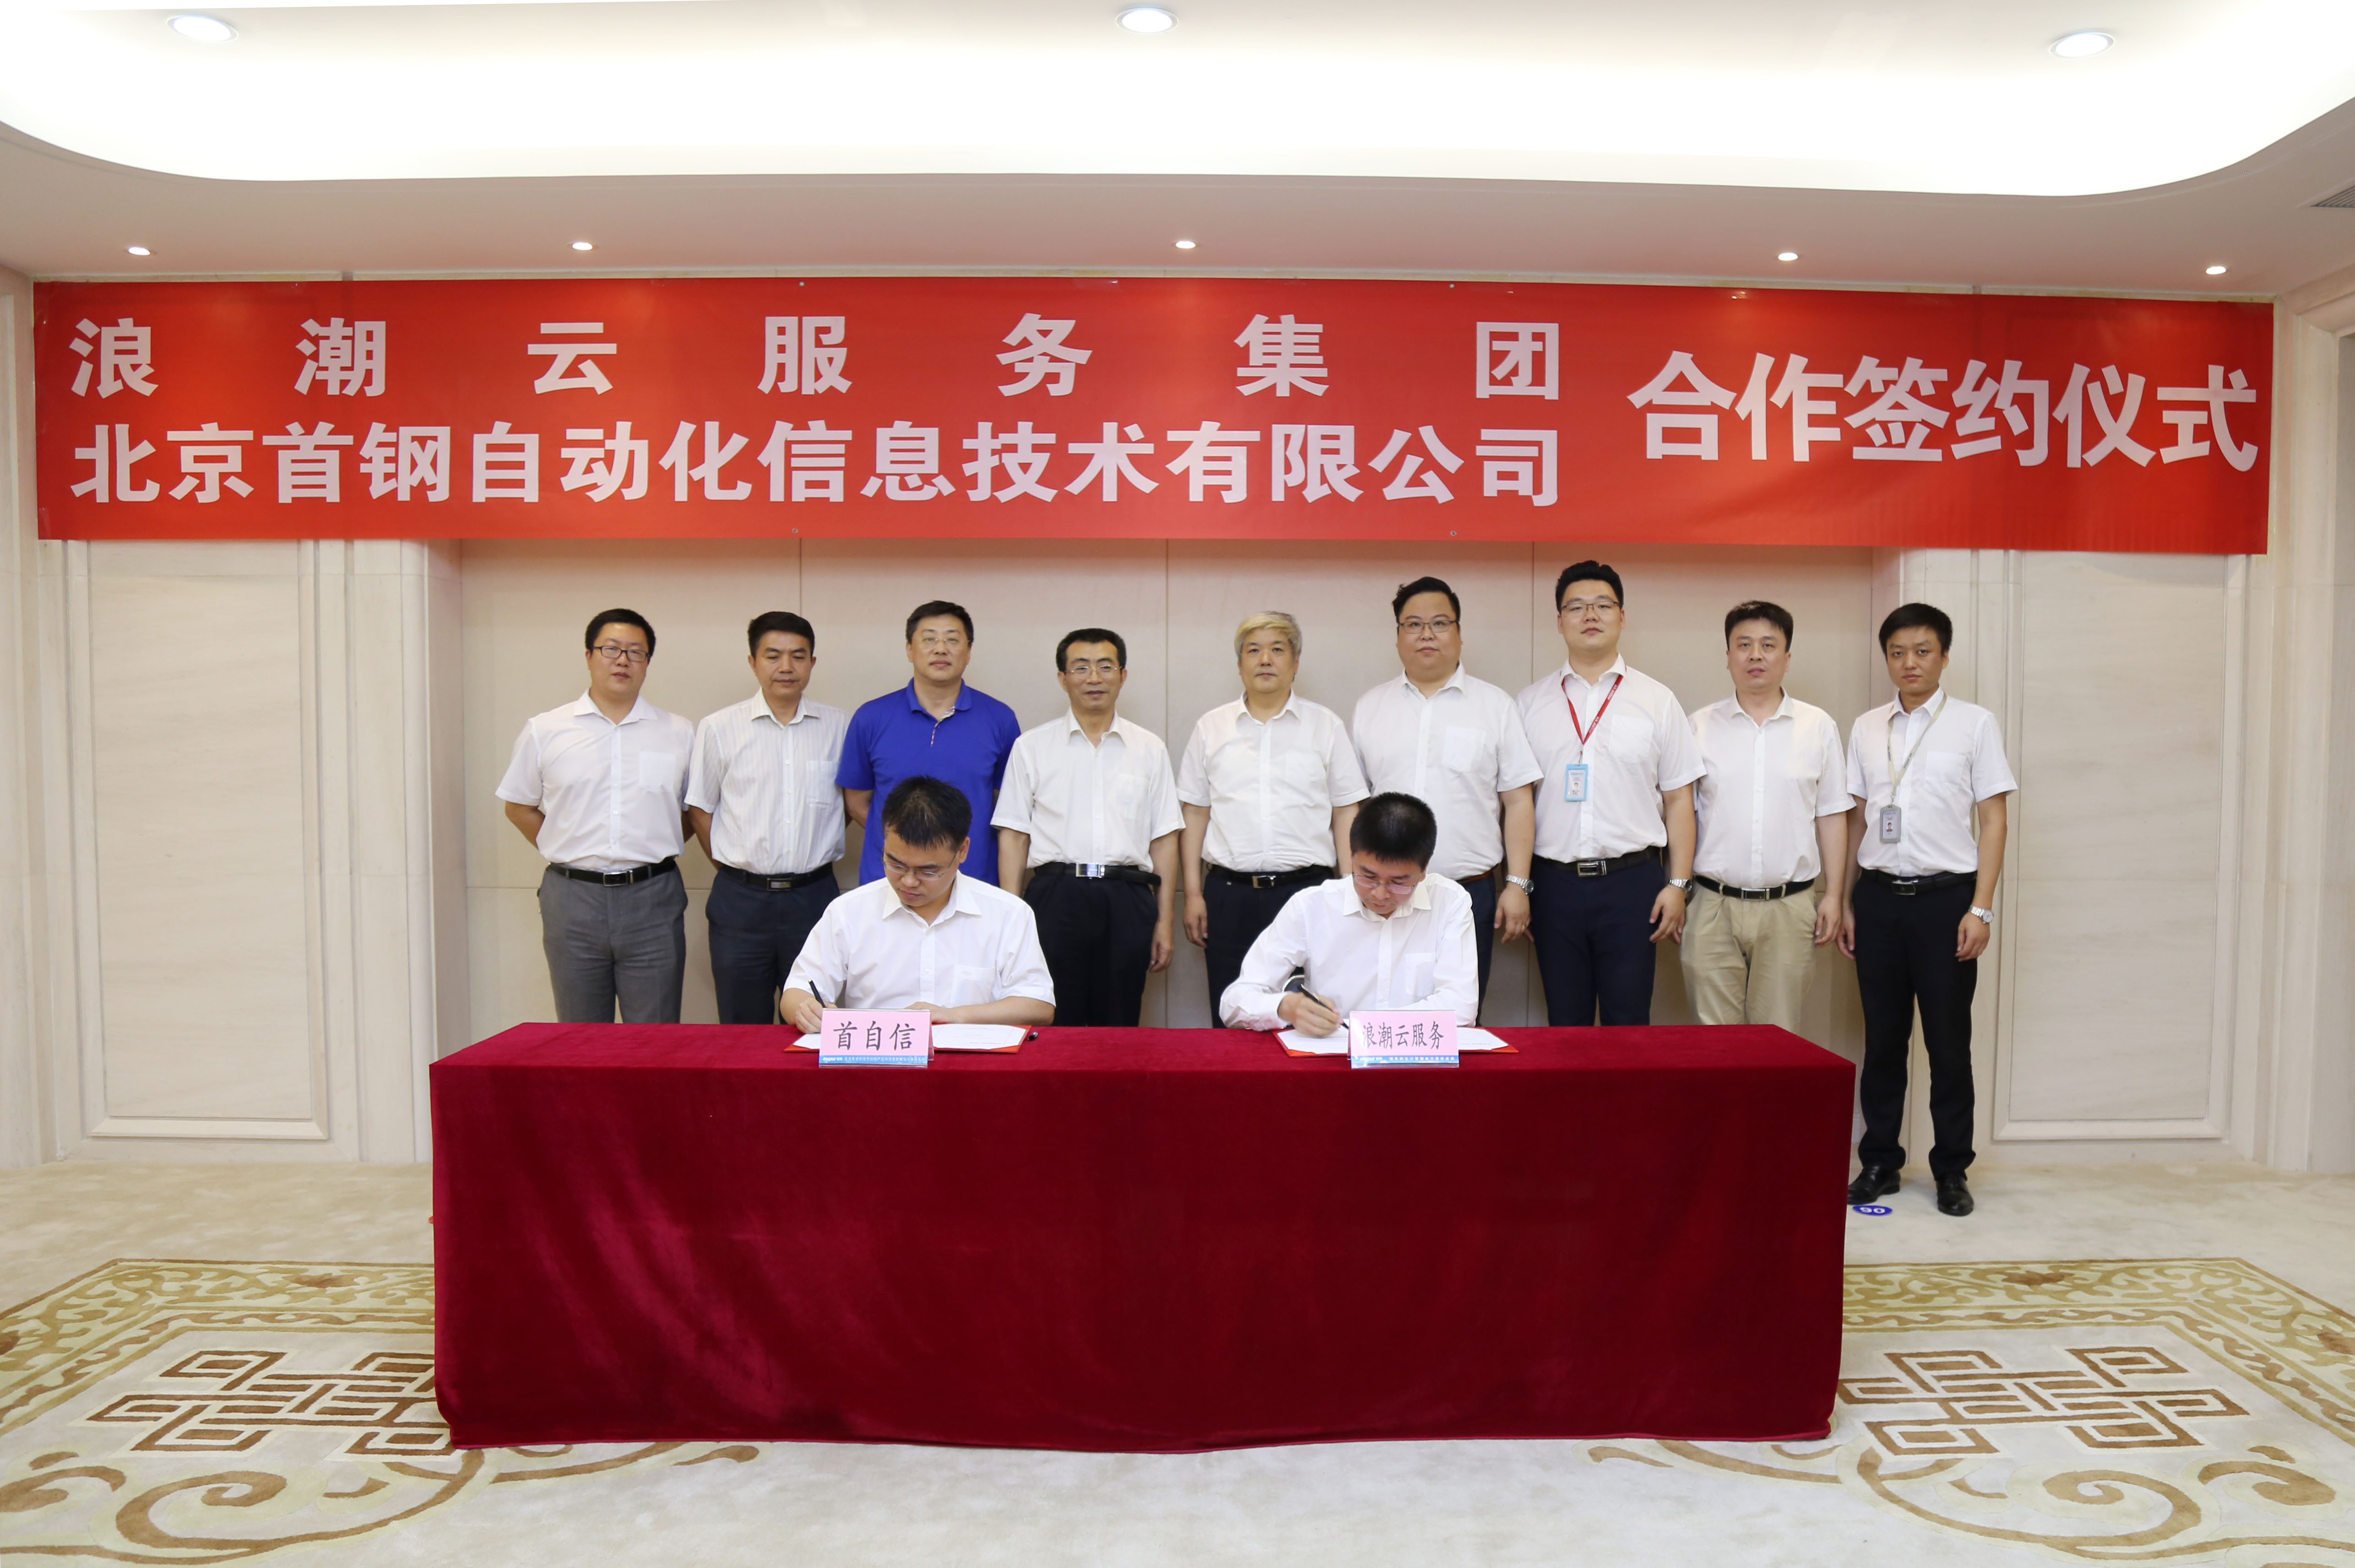 浪潮与北京首钢自动化信息技术有限公司签署工业互联网战略合作协议